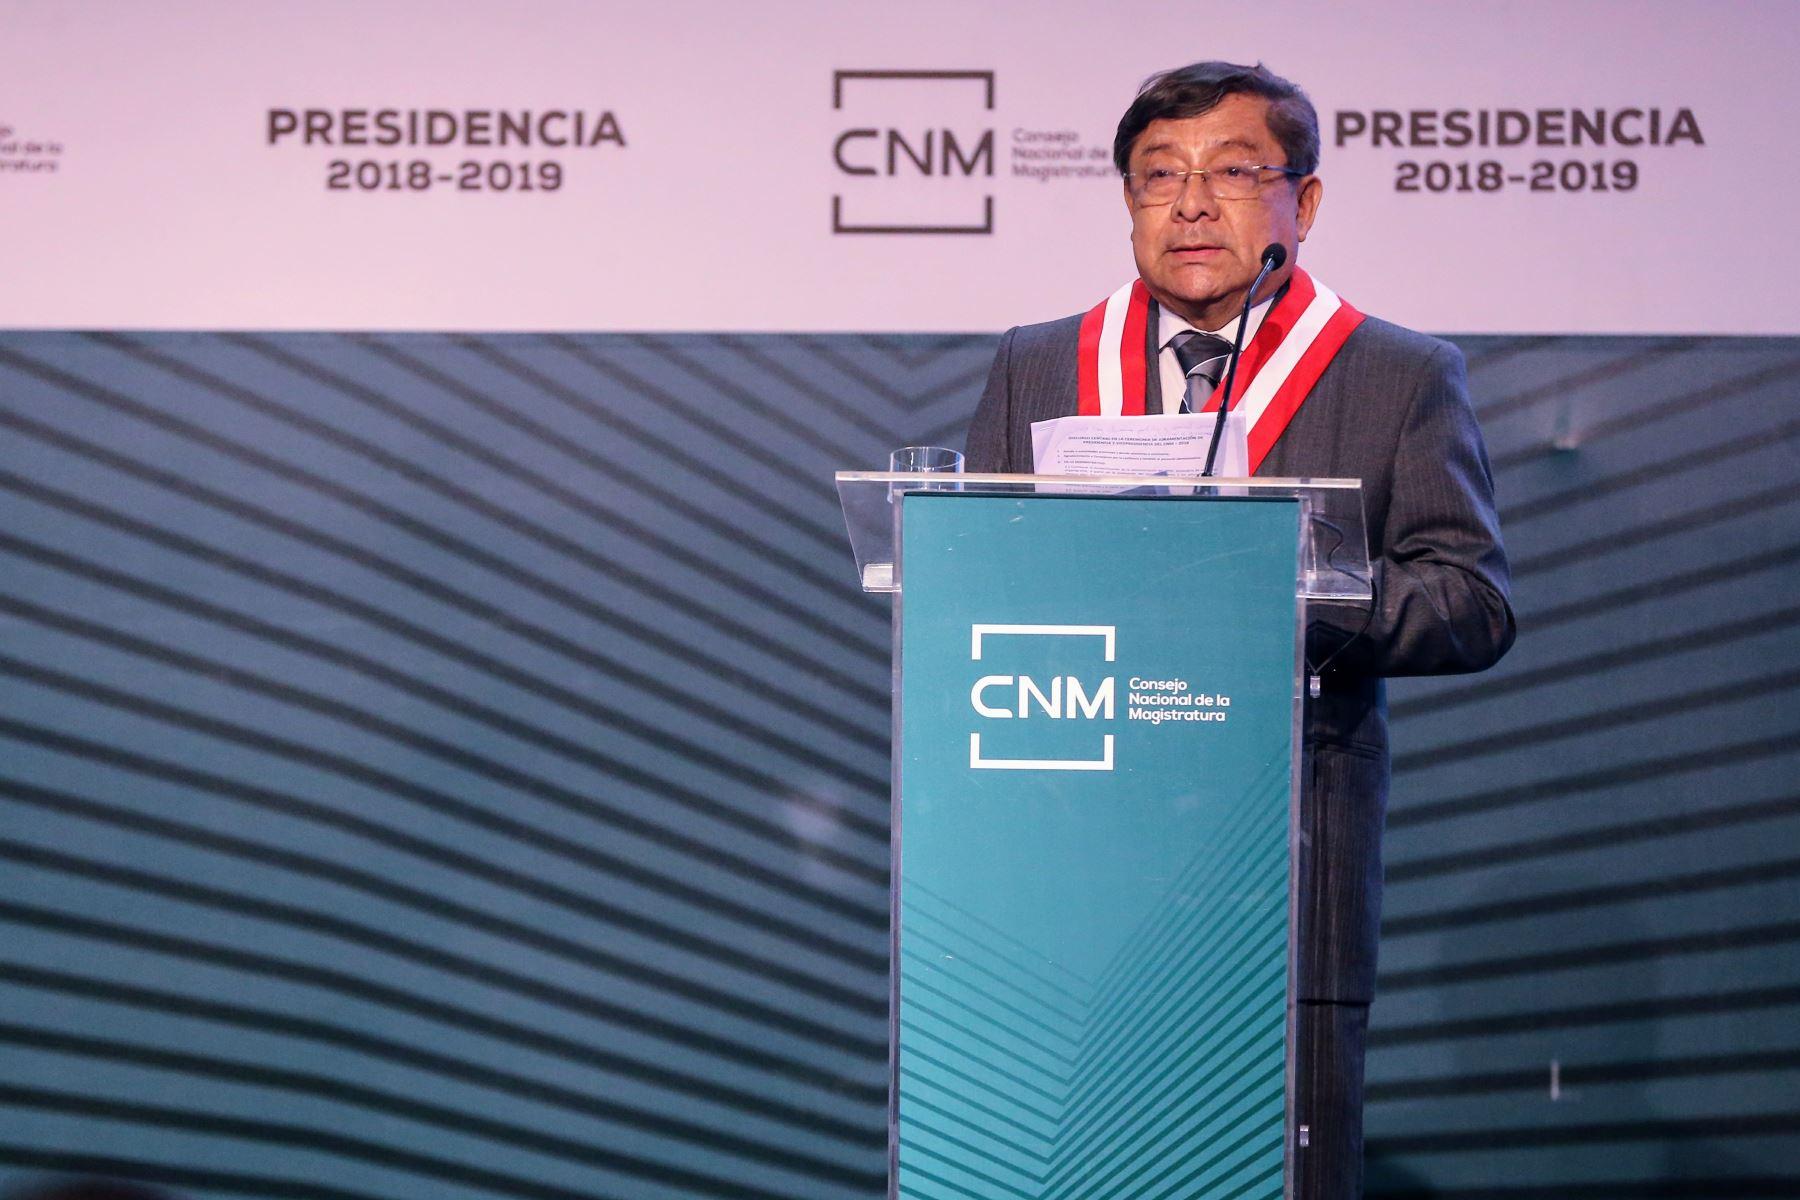 Renuncian presidente y miembros del Consejo Nacional de la Magistratura-CNM